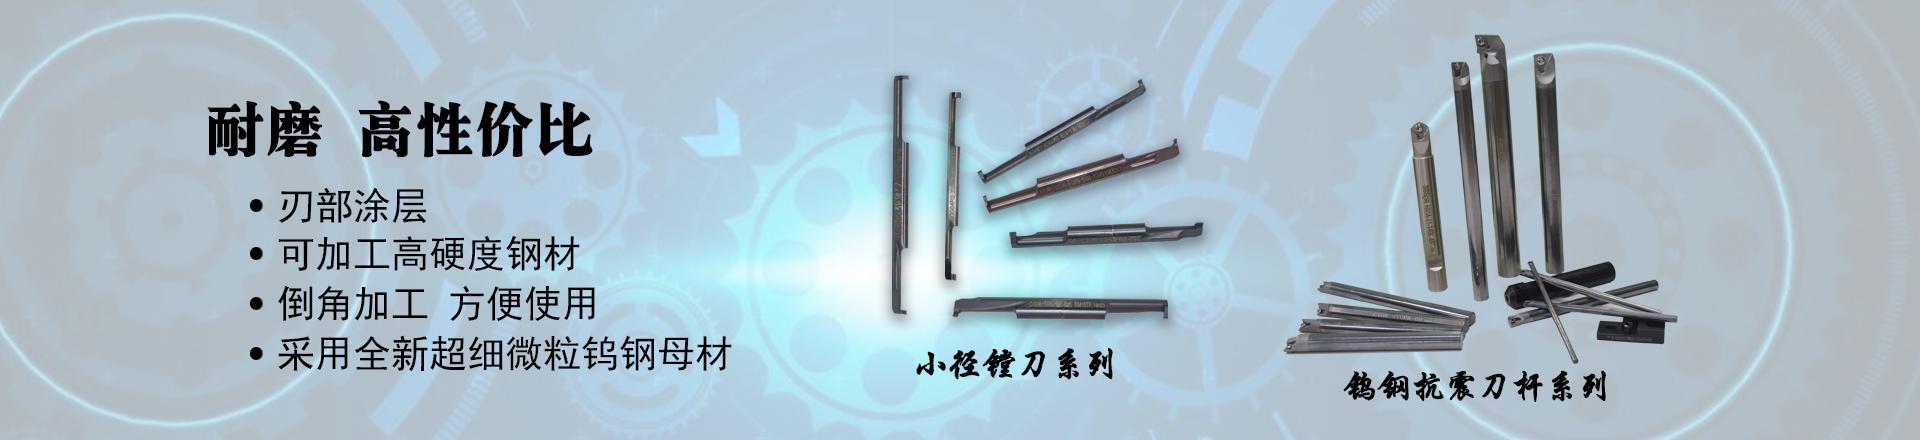 深圳市鑫明輝鉆石刀具有限公司